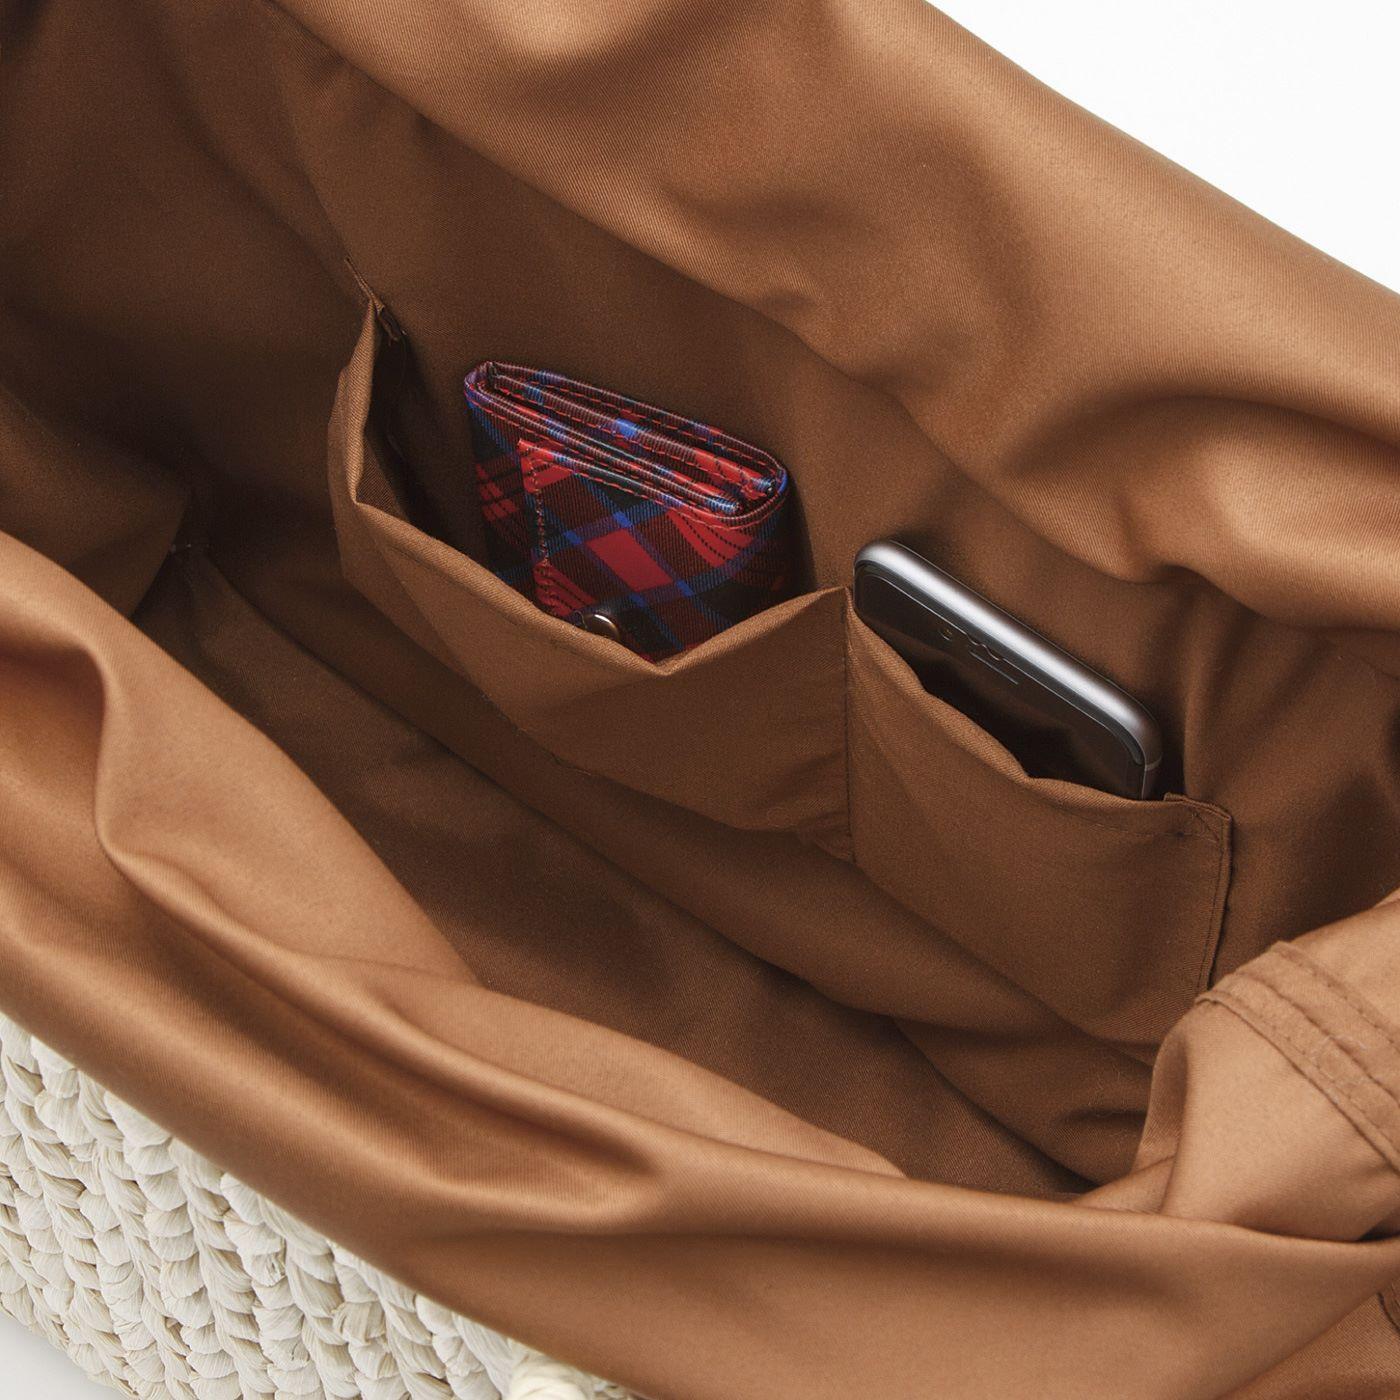 財布やスマホが入る内ポケット付き。このバッグひとつでお出かけOK。